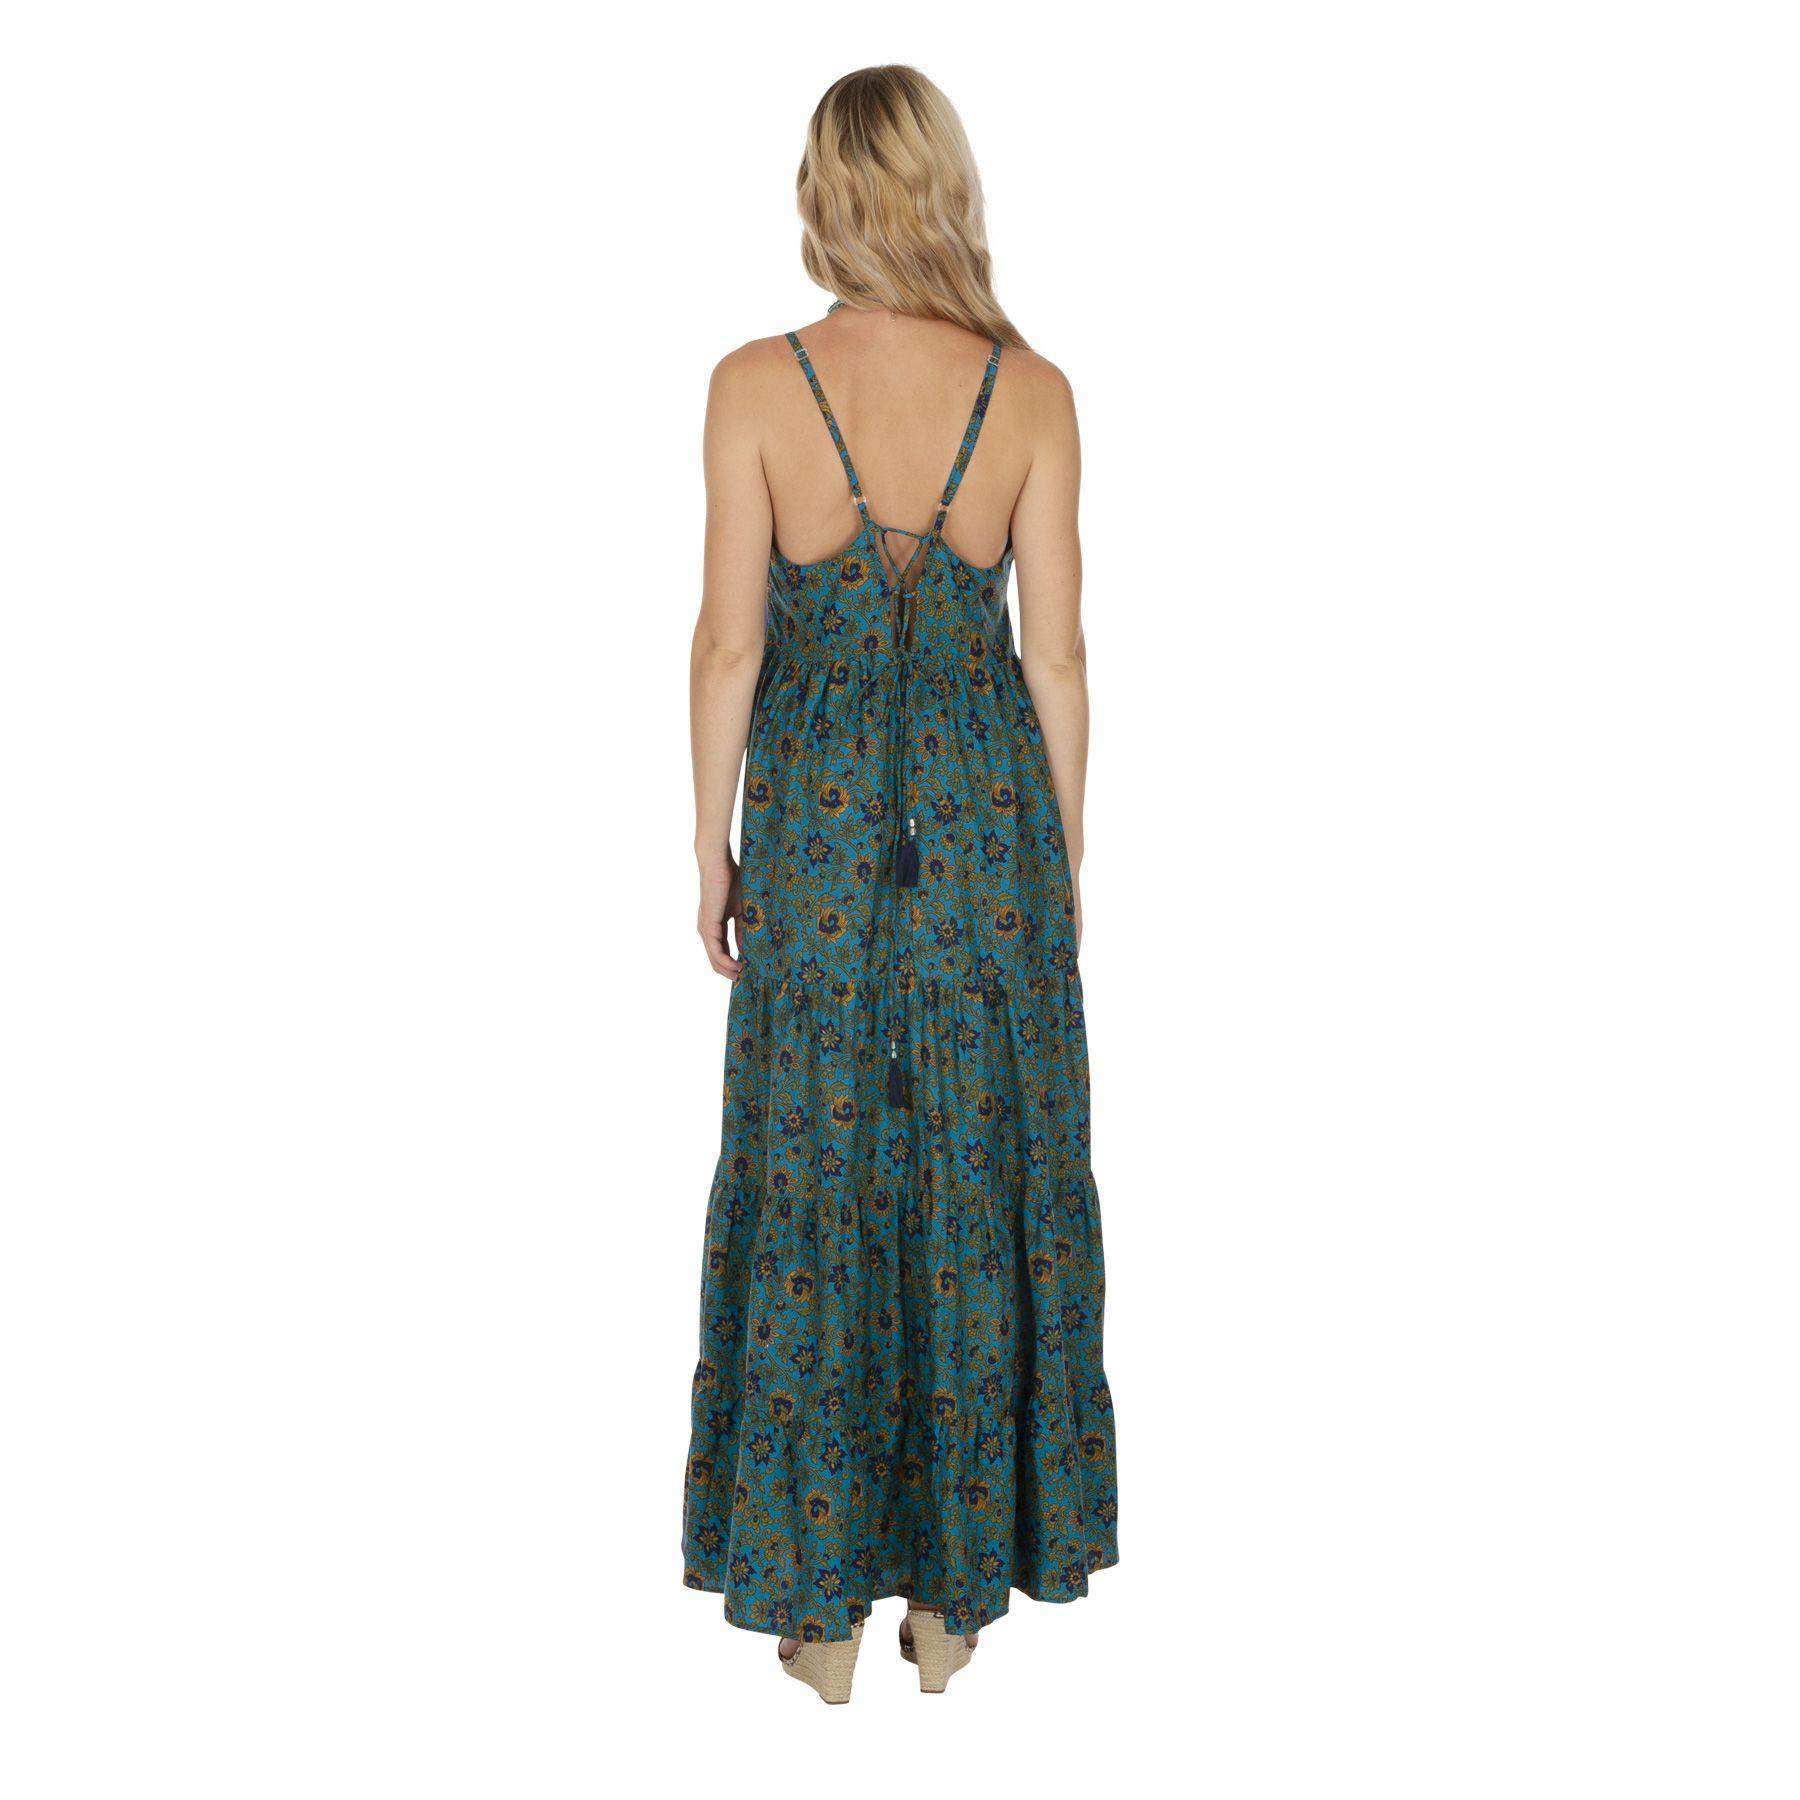 Robe longue bleue à fleurs pour femme avec dos nu Ariganelle